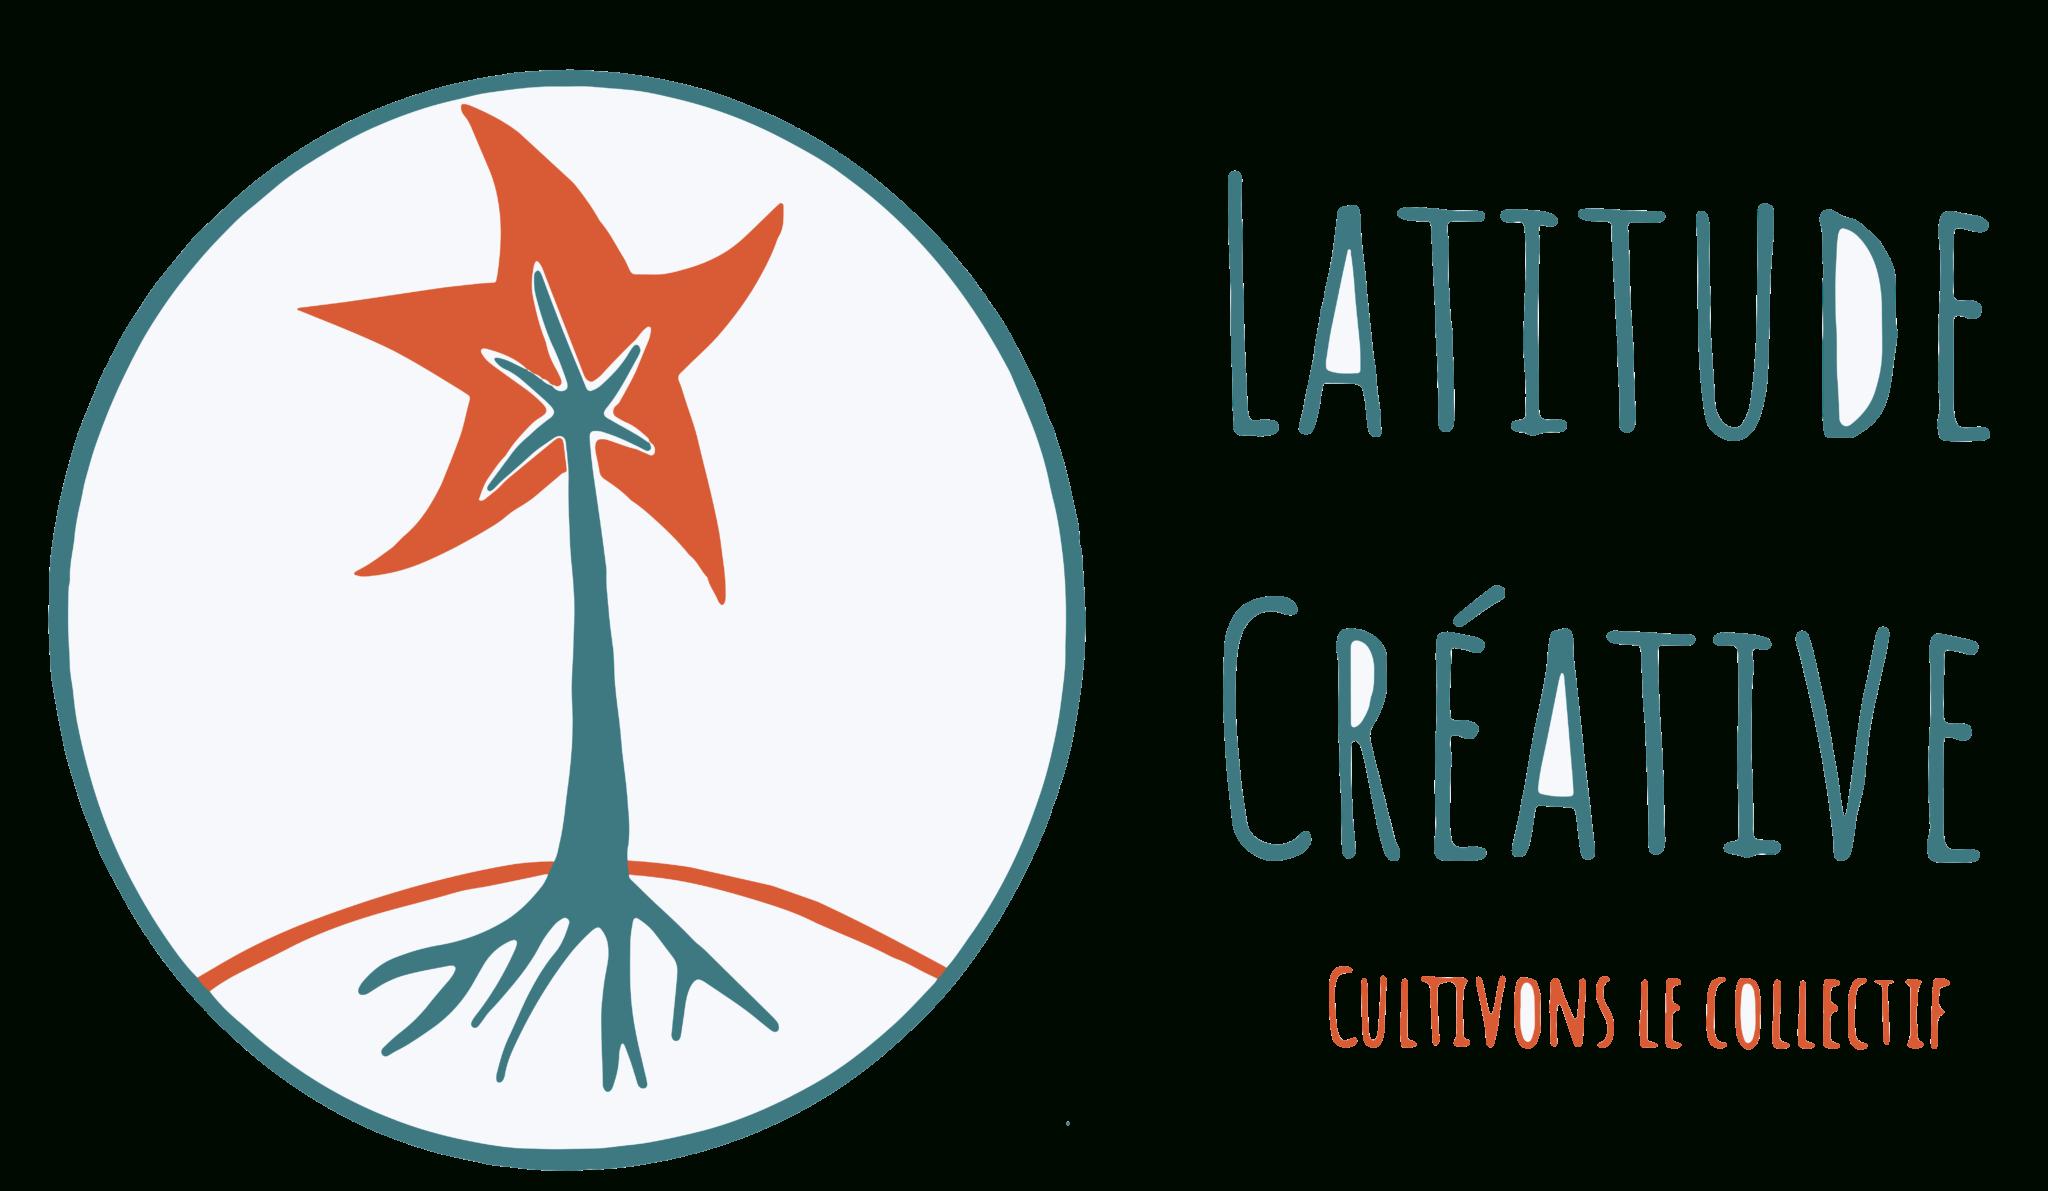 Latitude Créative | Les 4 Points Cardinaux Pour Un Lieu tout Les 4 Point Cardinaux